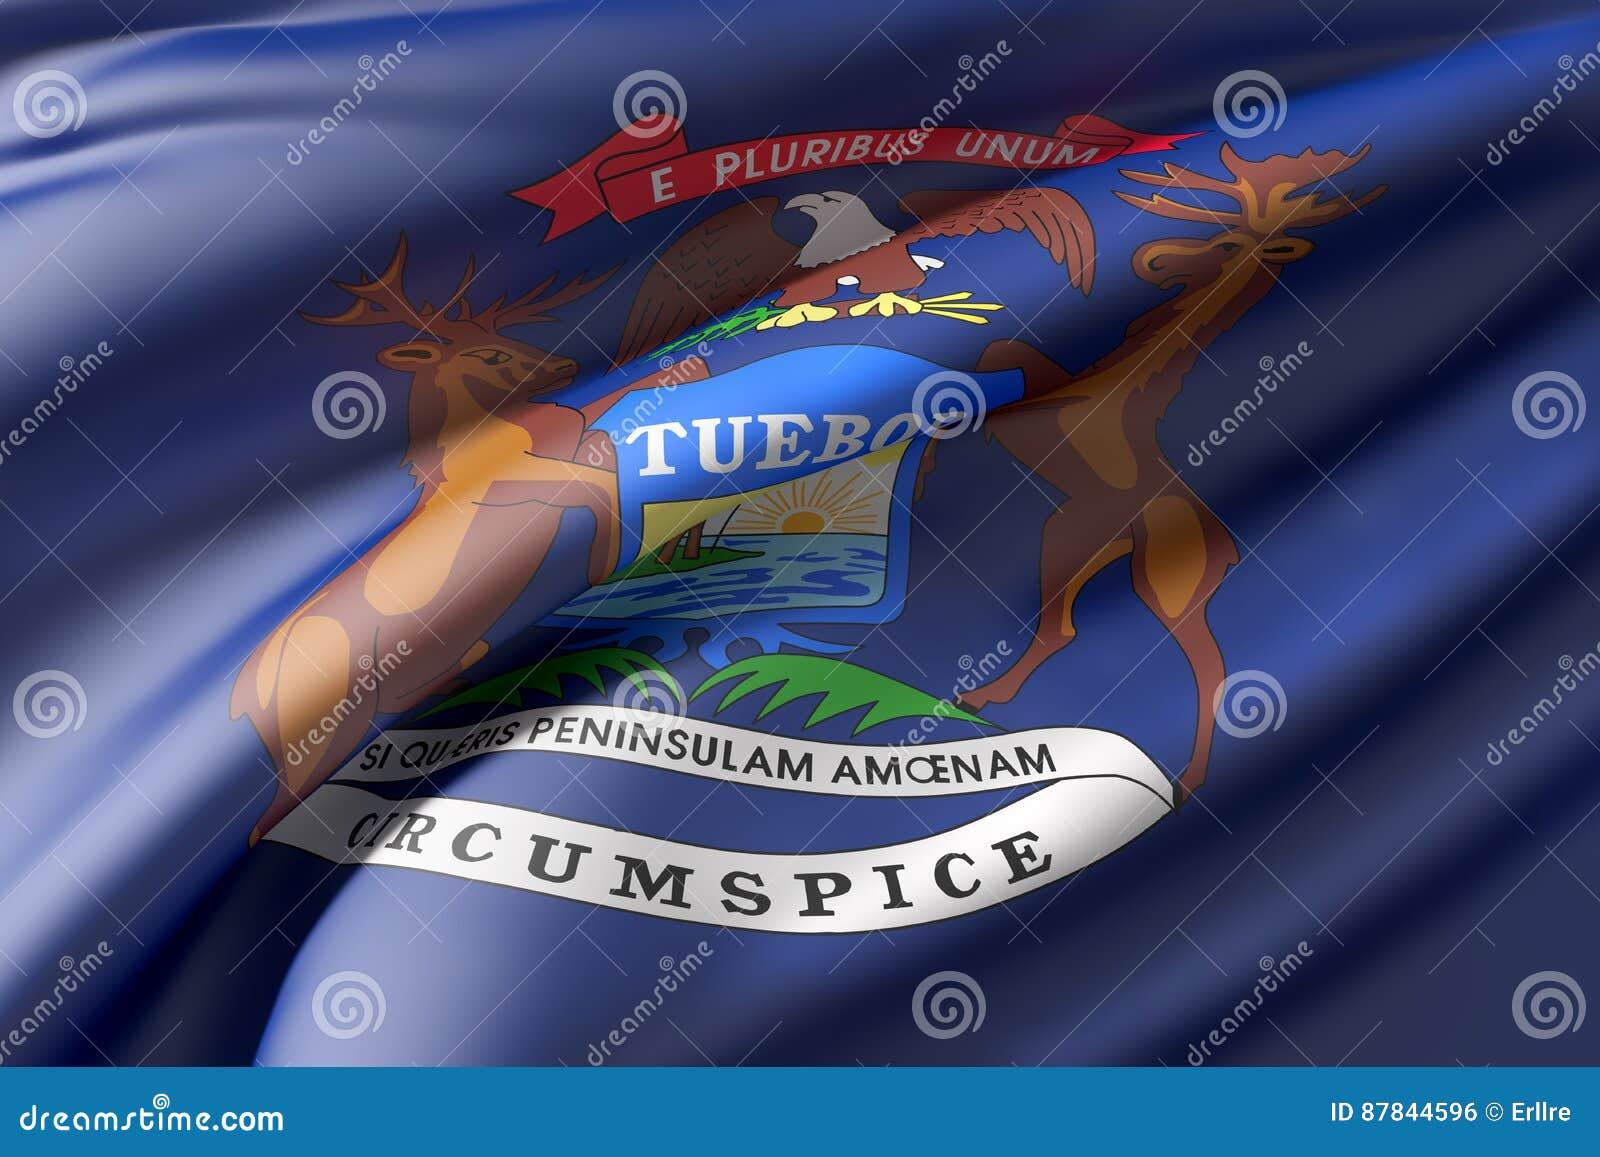 Bandera Del Estado De Michigan Stock de ilustración - Ilustración de ...